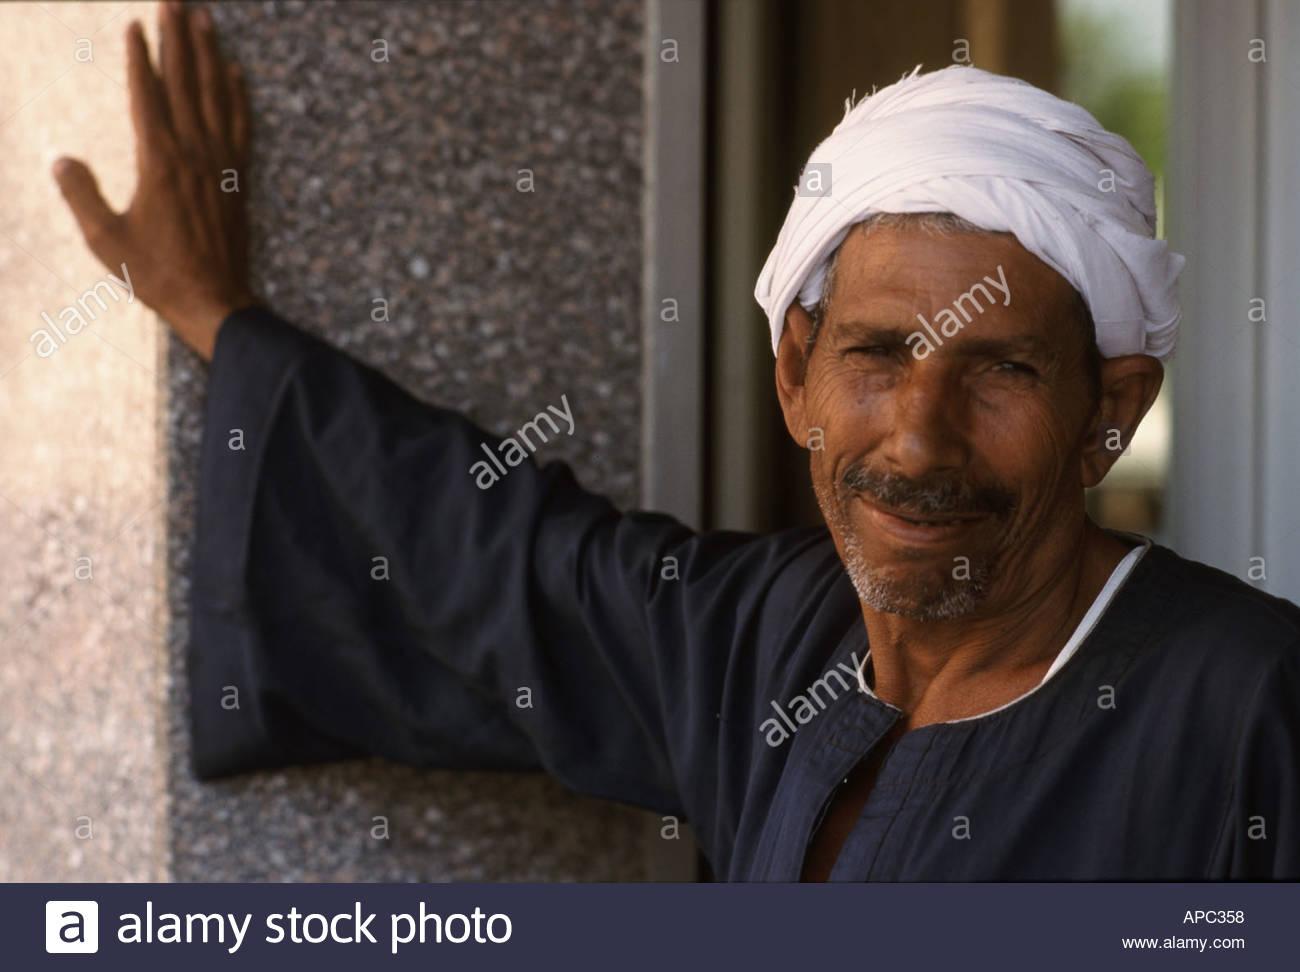 Egyptian farm laborer in Jordan Valley - Stock Image